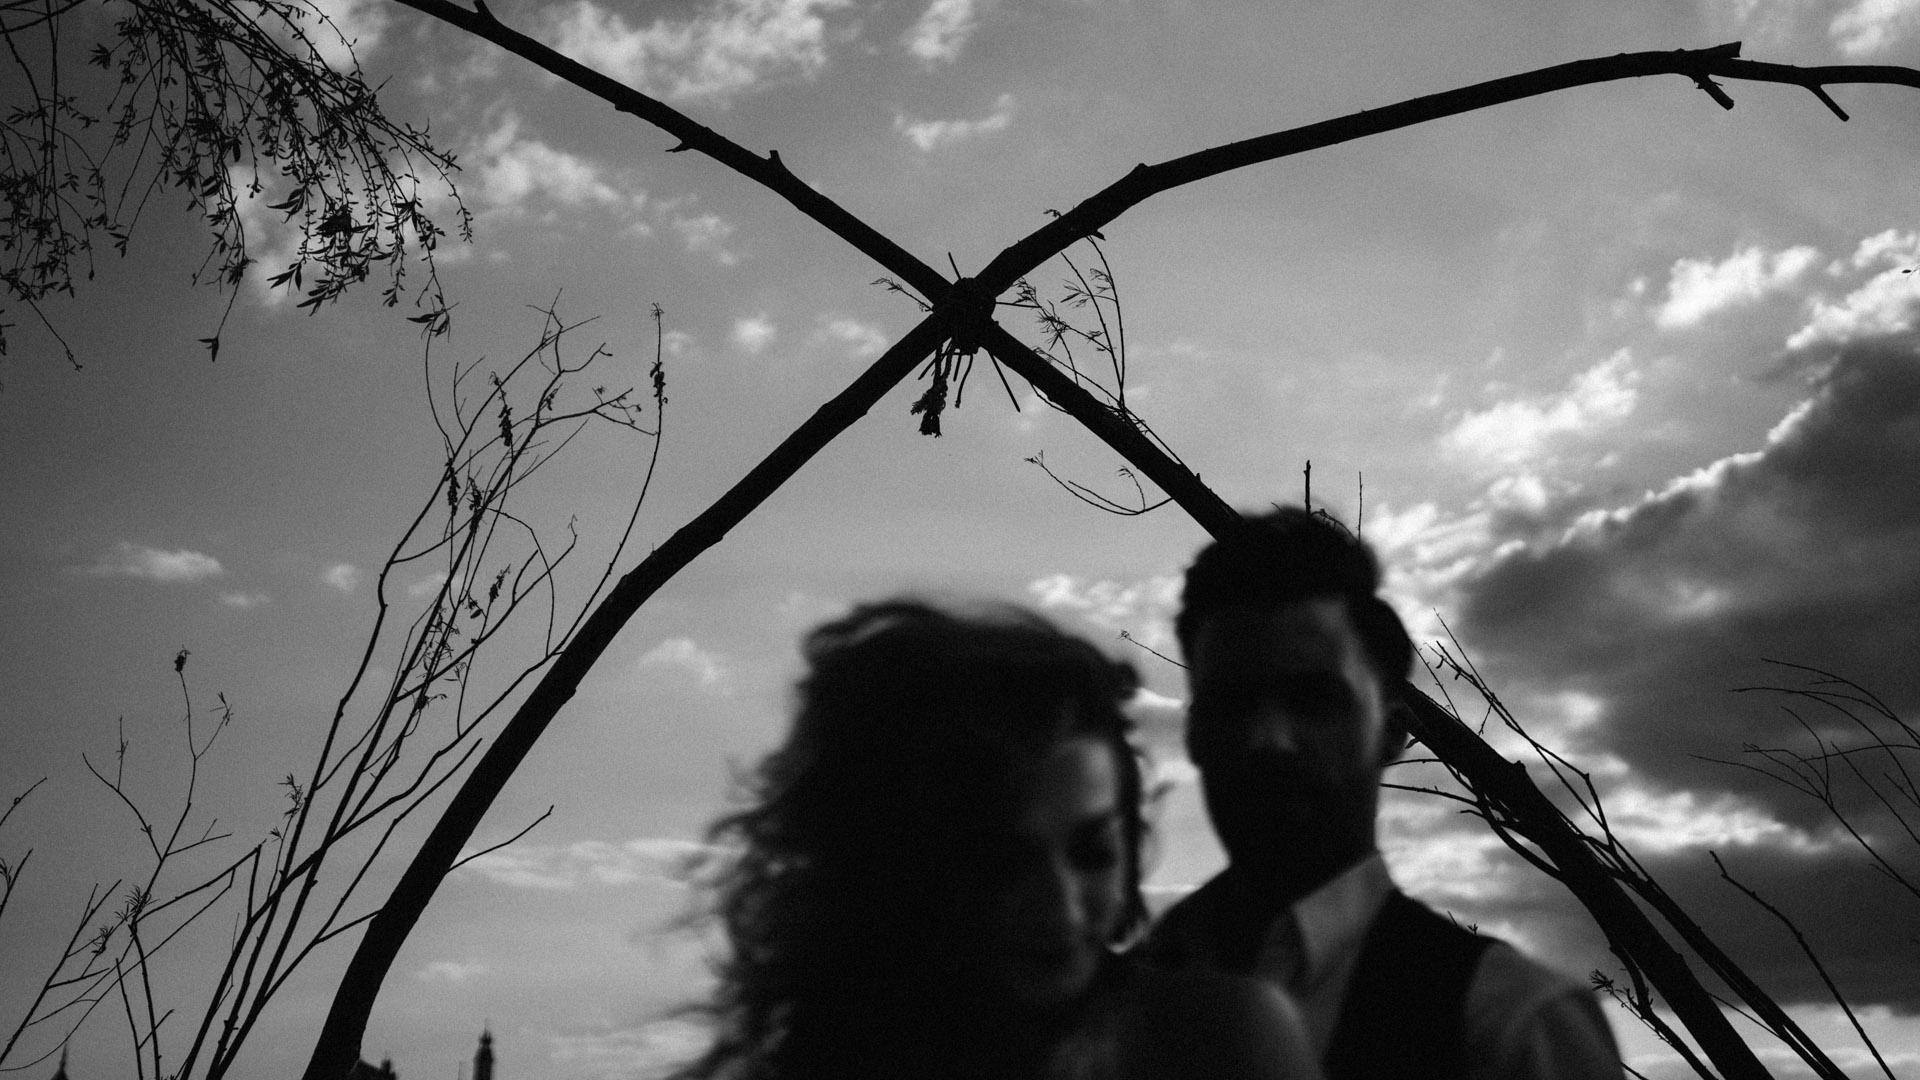 sesja fotograficzna w stylu boho bw blackandwhite niebo romantyczna chwila